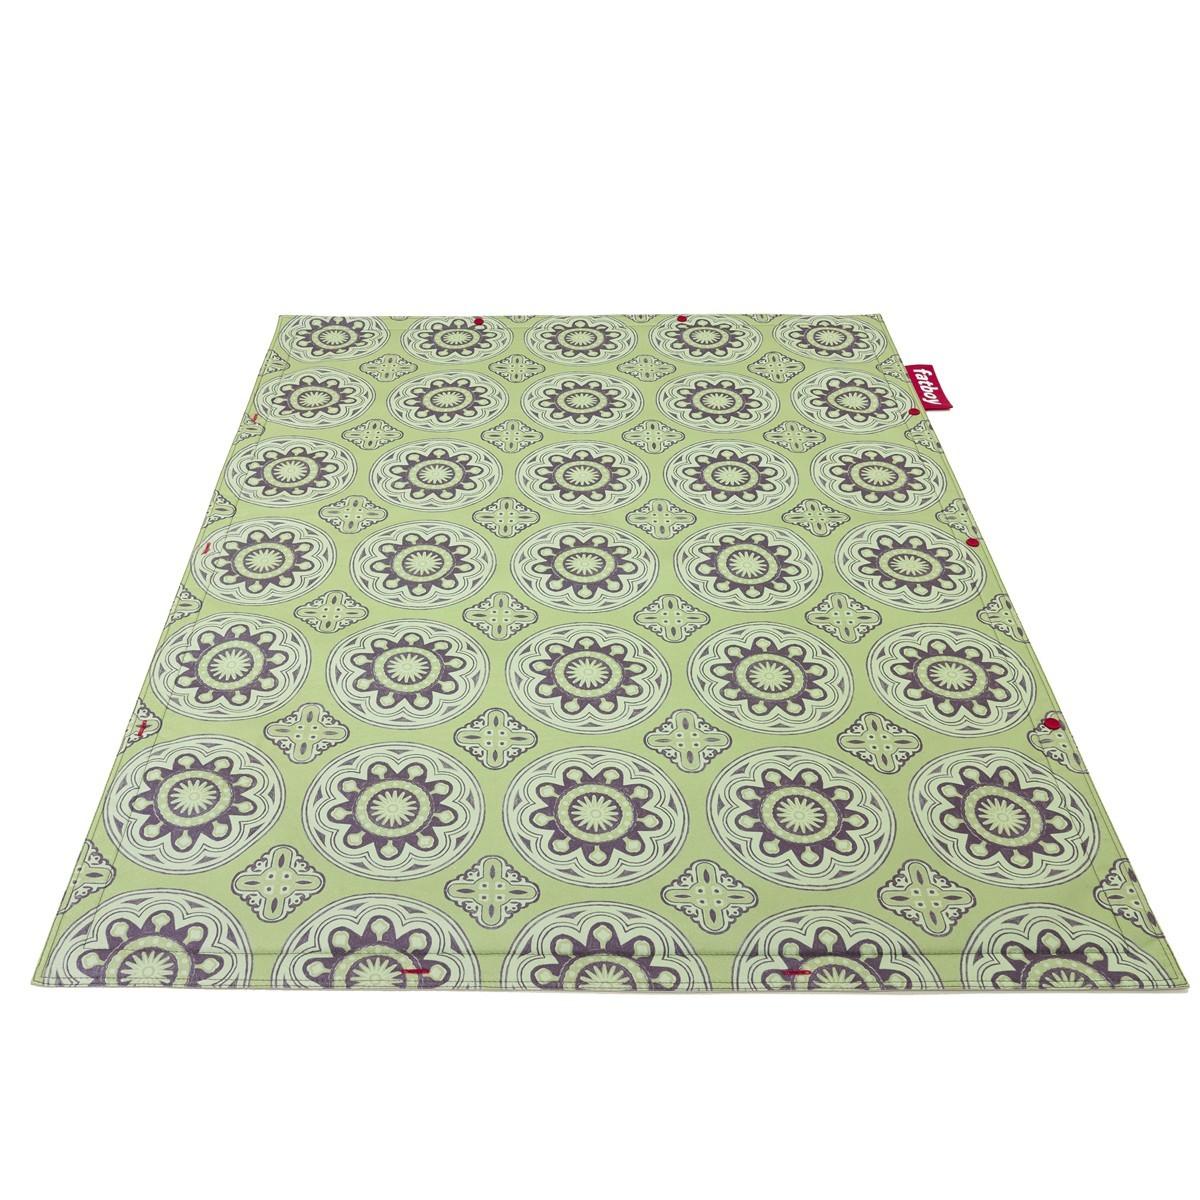 Tapis flying carpet de fatboy - Lyon tapis vert ...